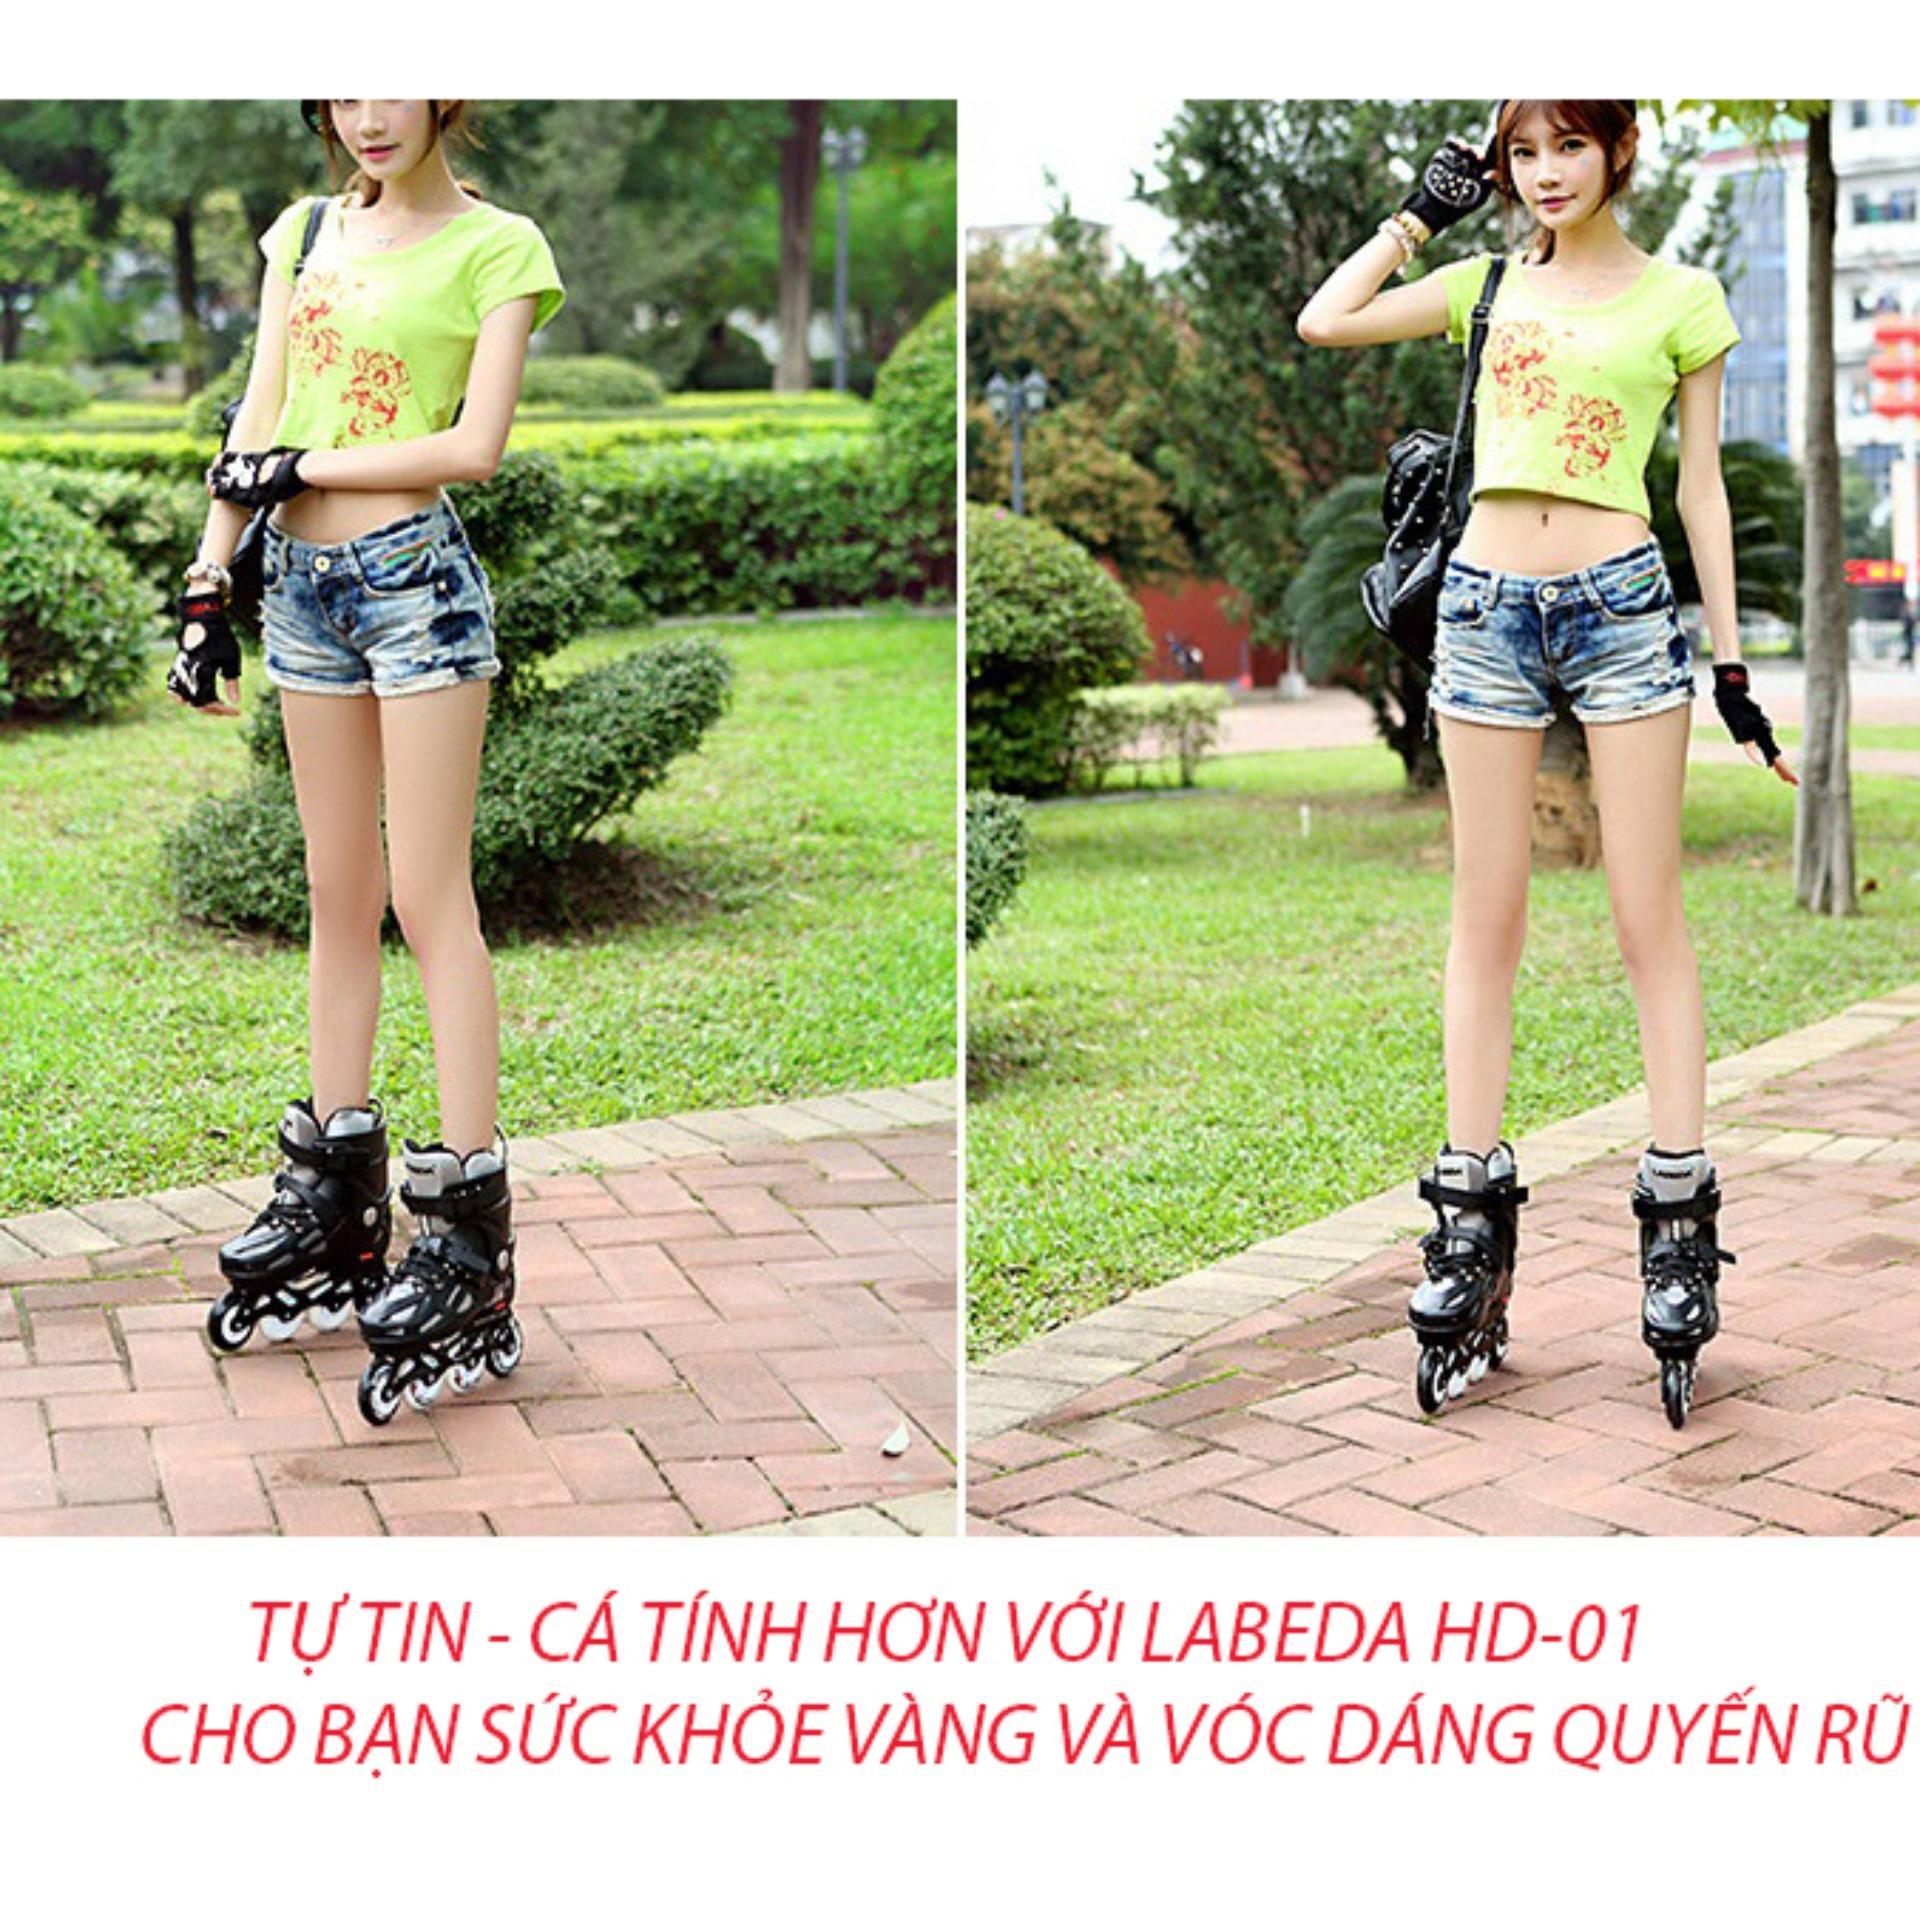 Giày patin tại đà nẵng, Giày patin LABEDA HD-01 cao cấp, phù hợp với mọi lứa tuổi yêu thích thể thao Sản phẩm bán chạy - Bảo hành uy tín bởi Clcik - Buy